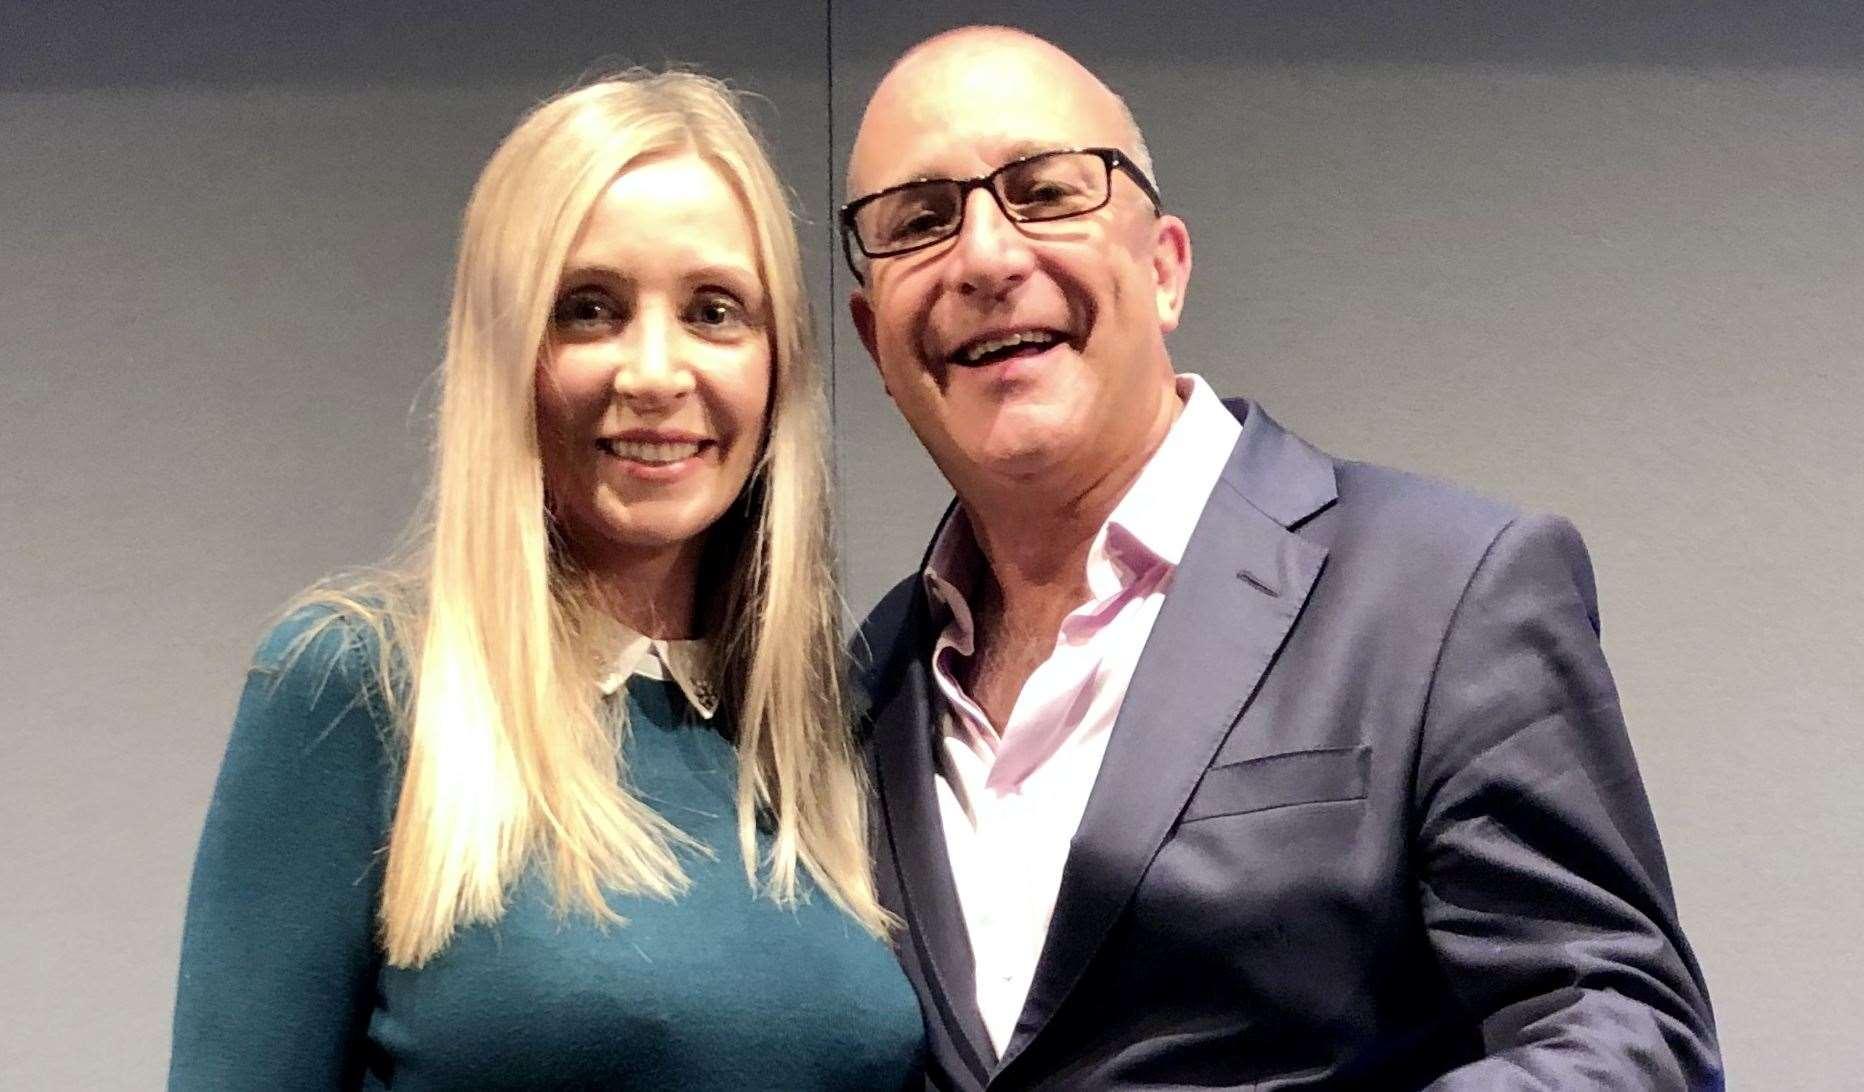 Rebecca Kemp avec l'hypnothérapeute Paul McKenna